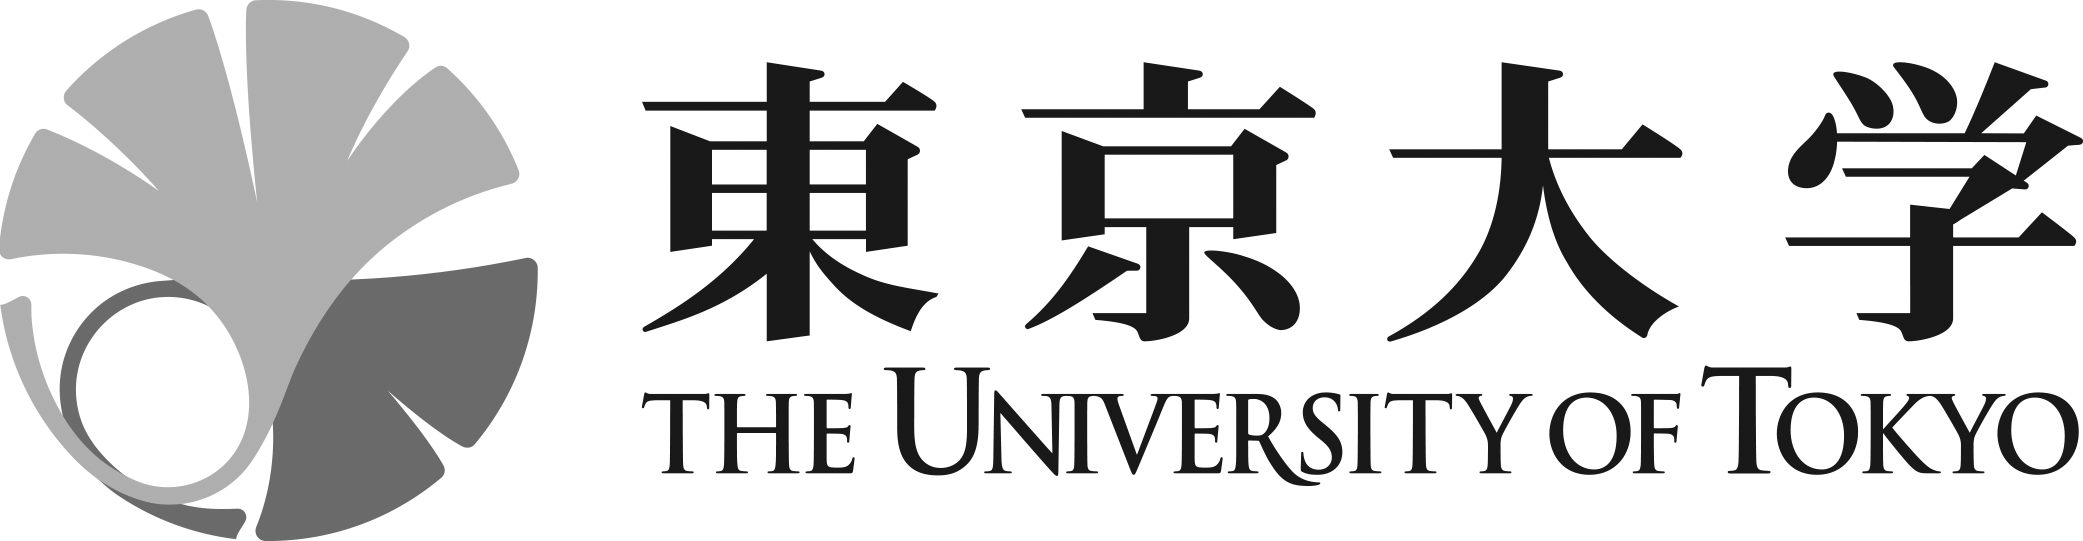 University_of_Tokyo_logo.png